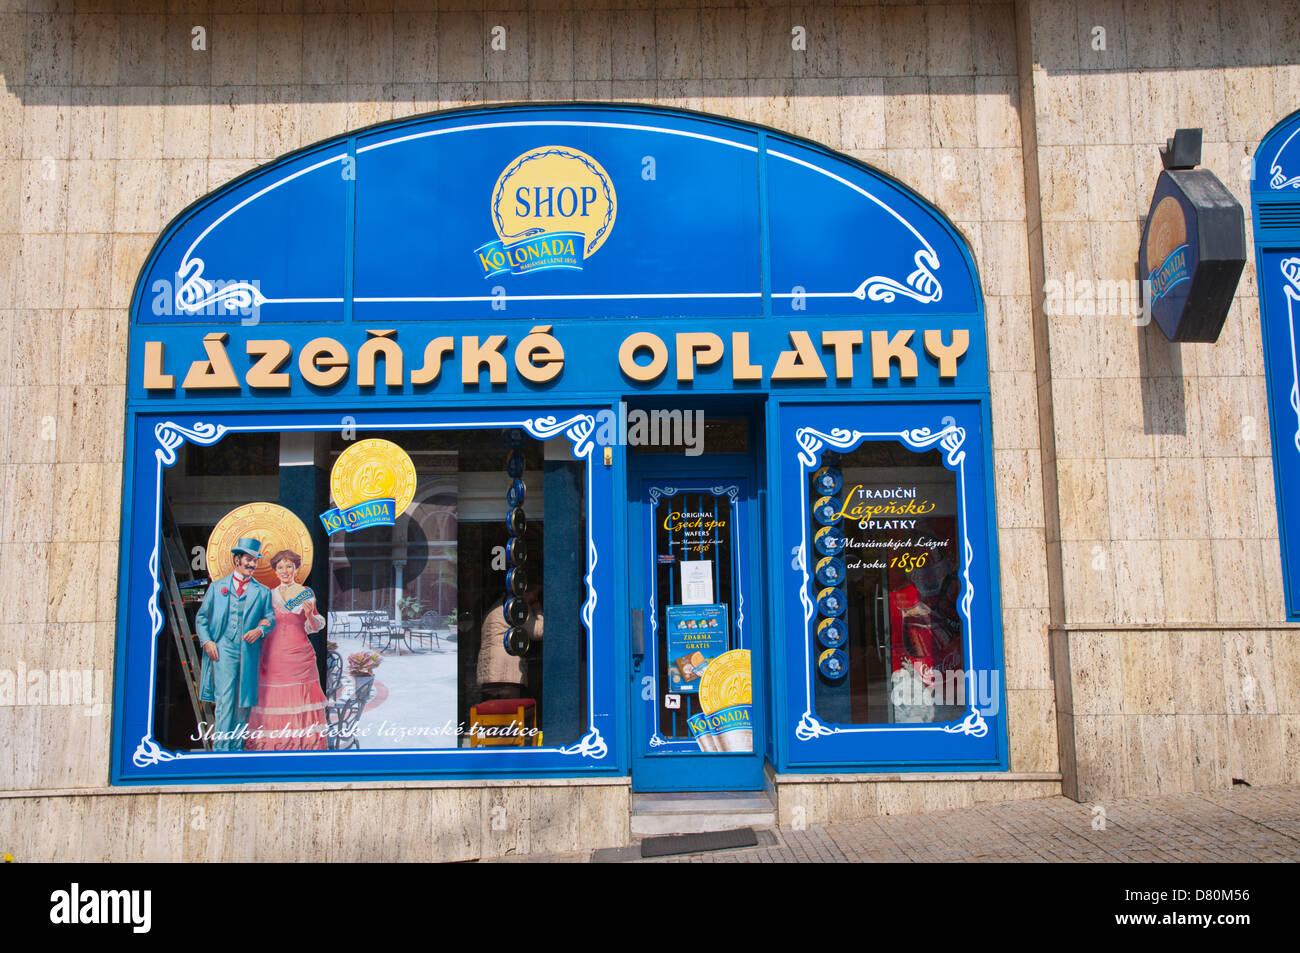 Ака магазин куплю боливары венесуэлы в москве